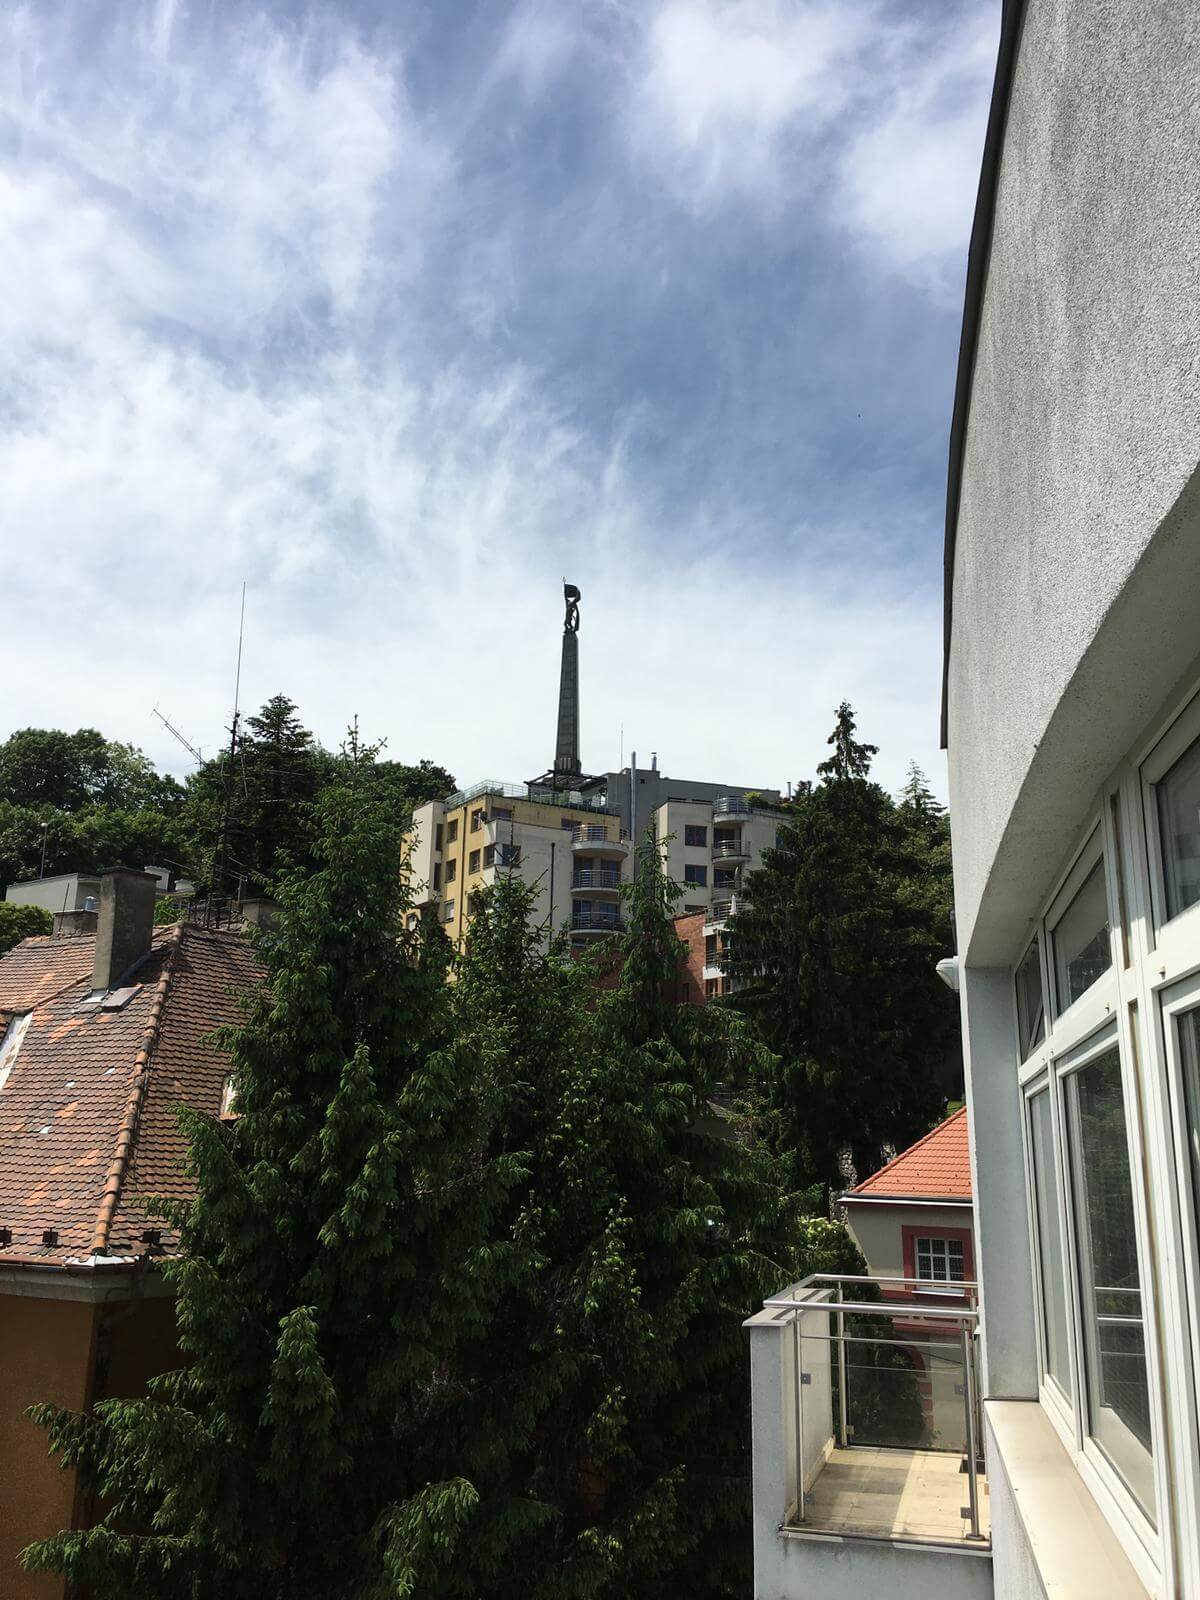 Prenajate: Prenájom 4 izbového luxusného bytu, Pri Slavíne, novostavba, 2x parkovanie, Boženy Nemcovej, Centrum-59